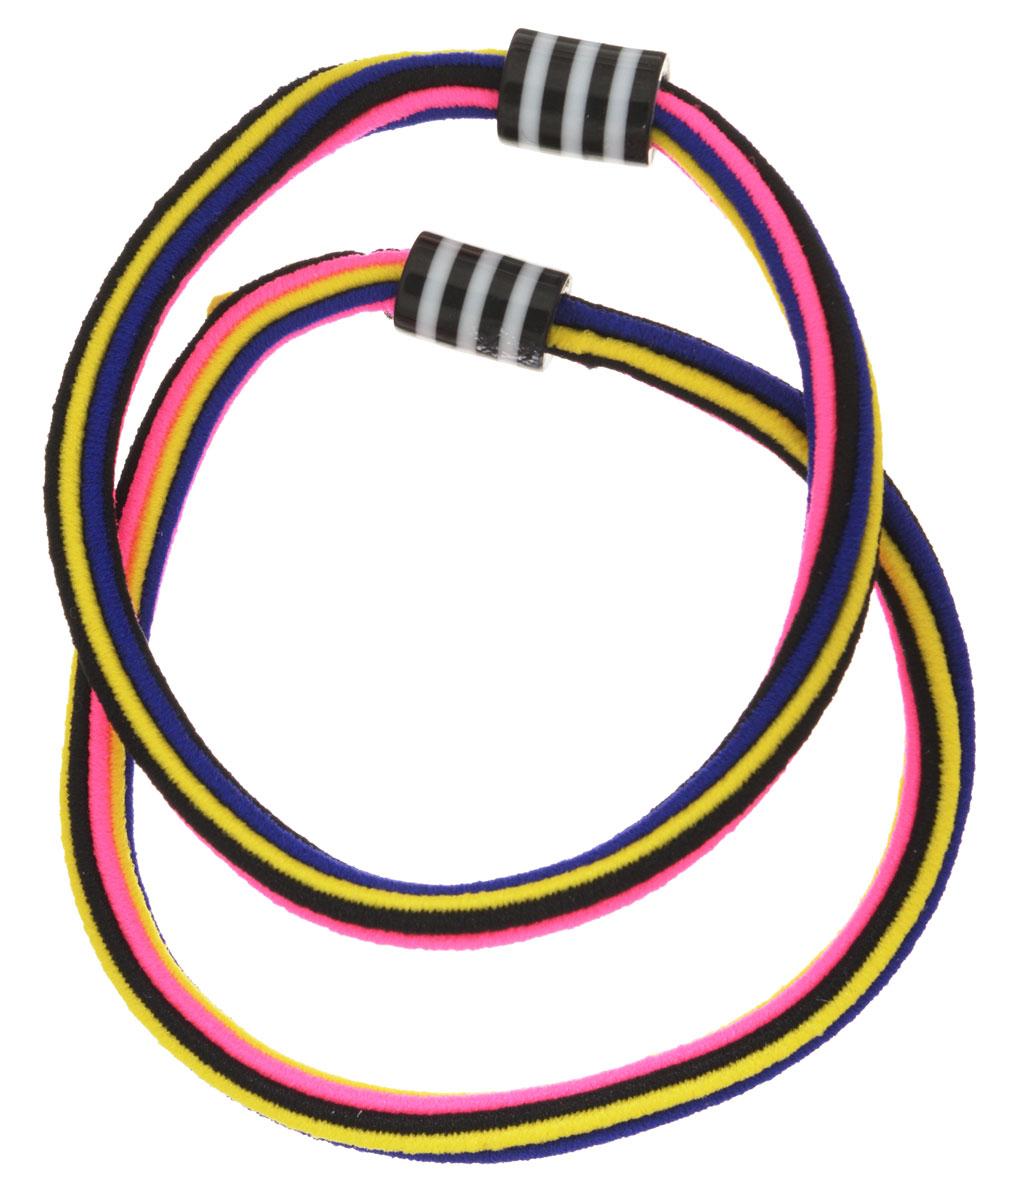 Baby's Joy Резинка для волос цвет желтый розовый черный 2 шт VT 175